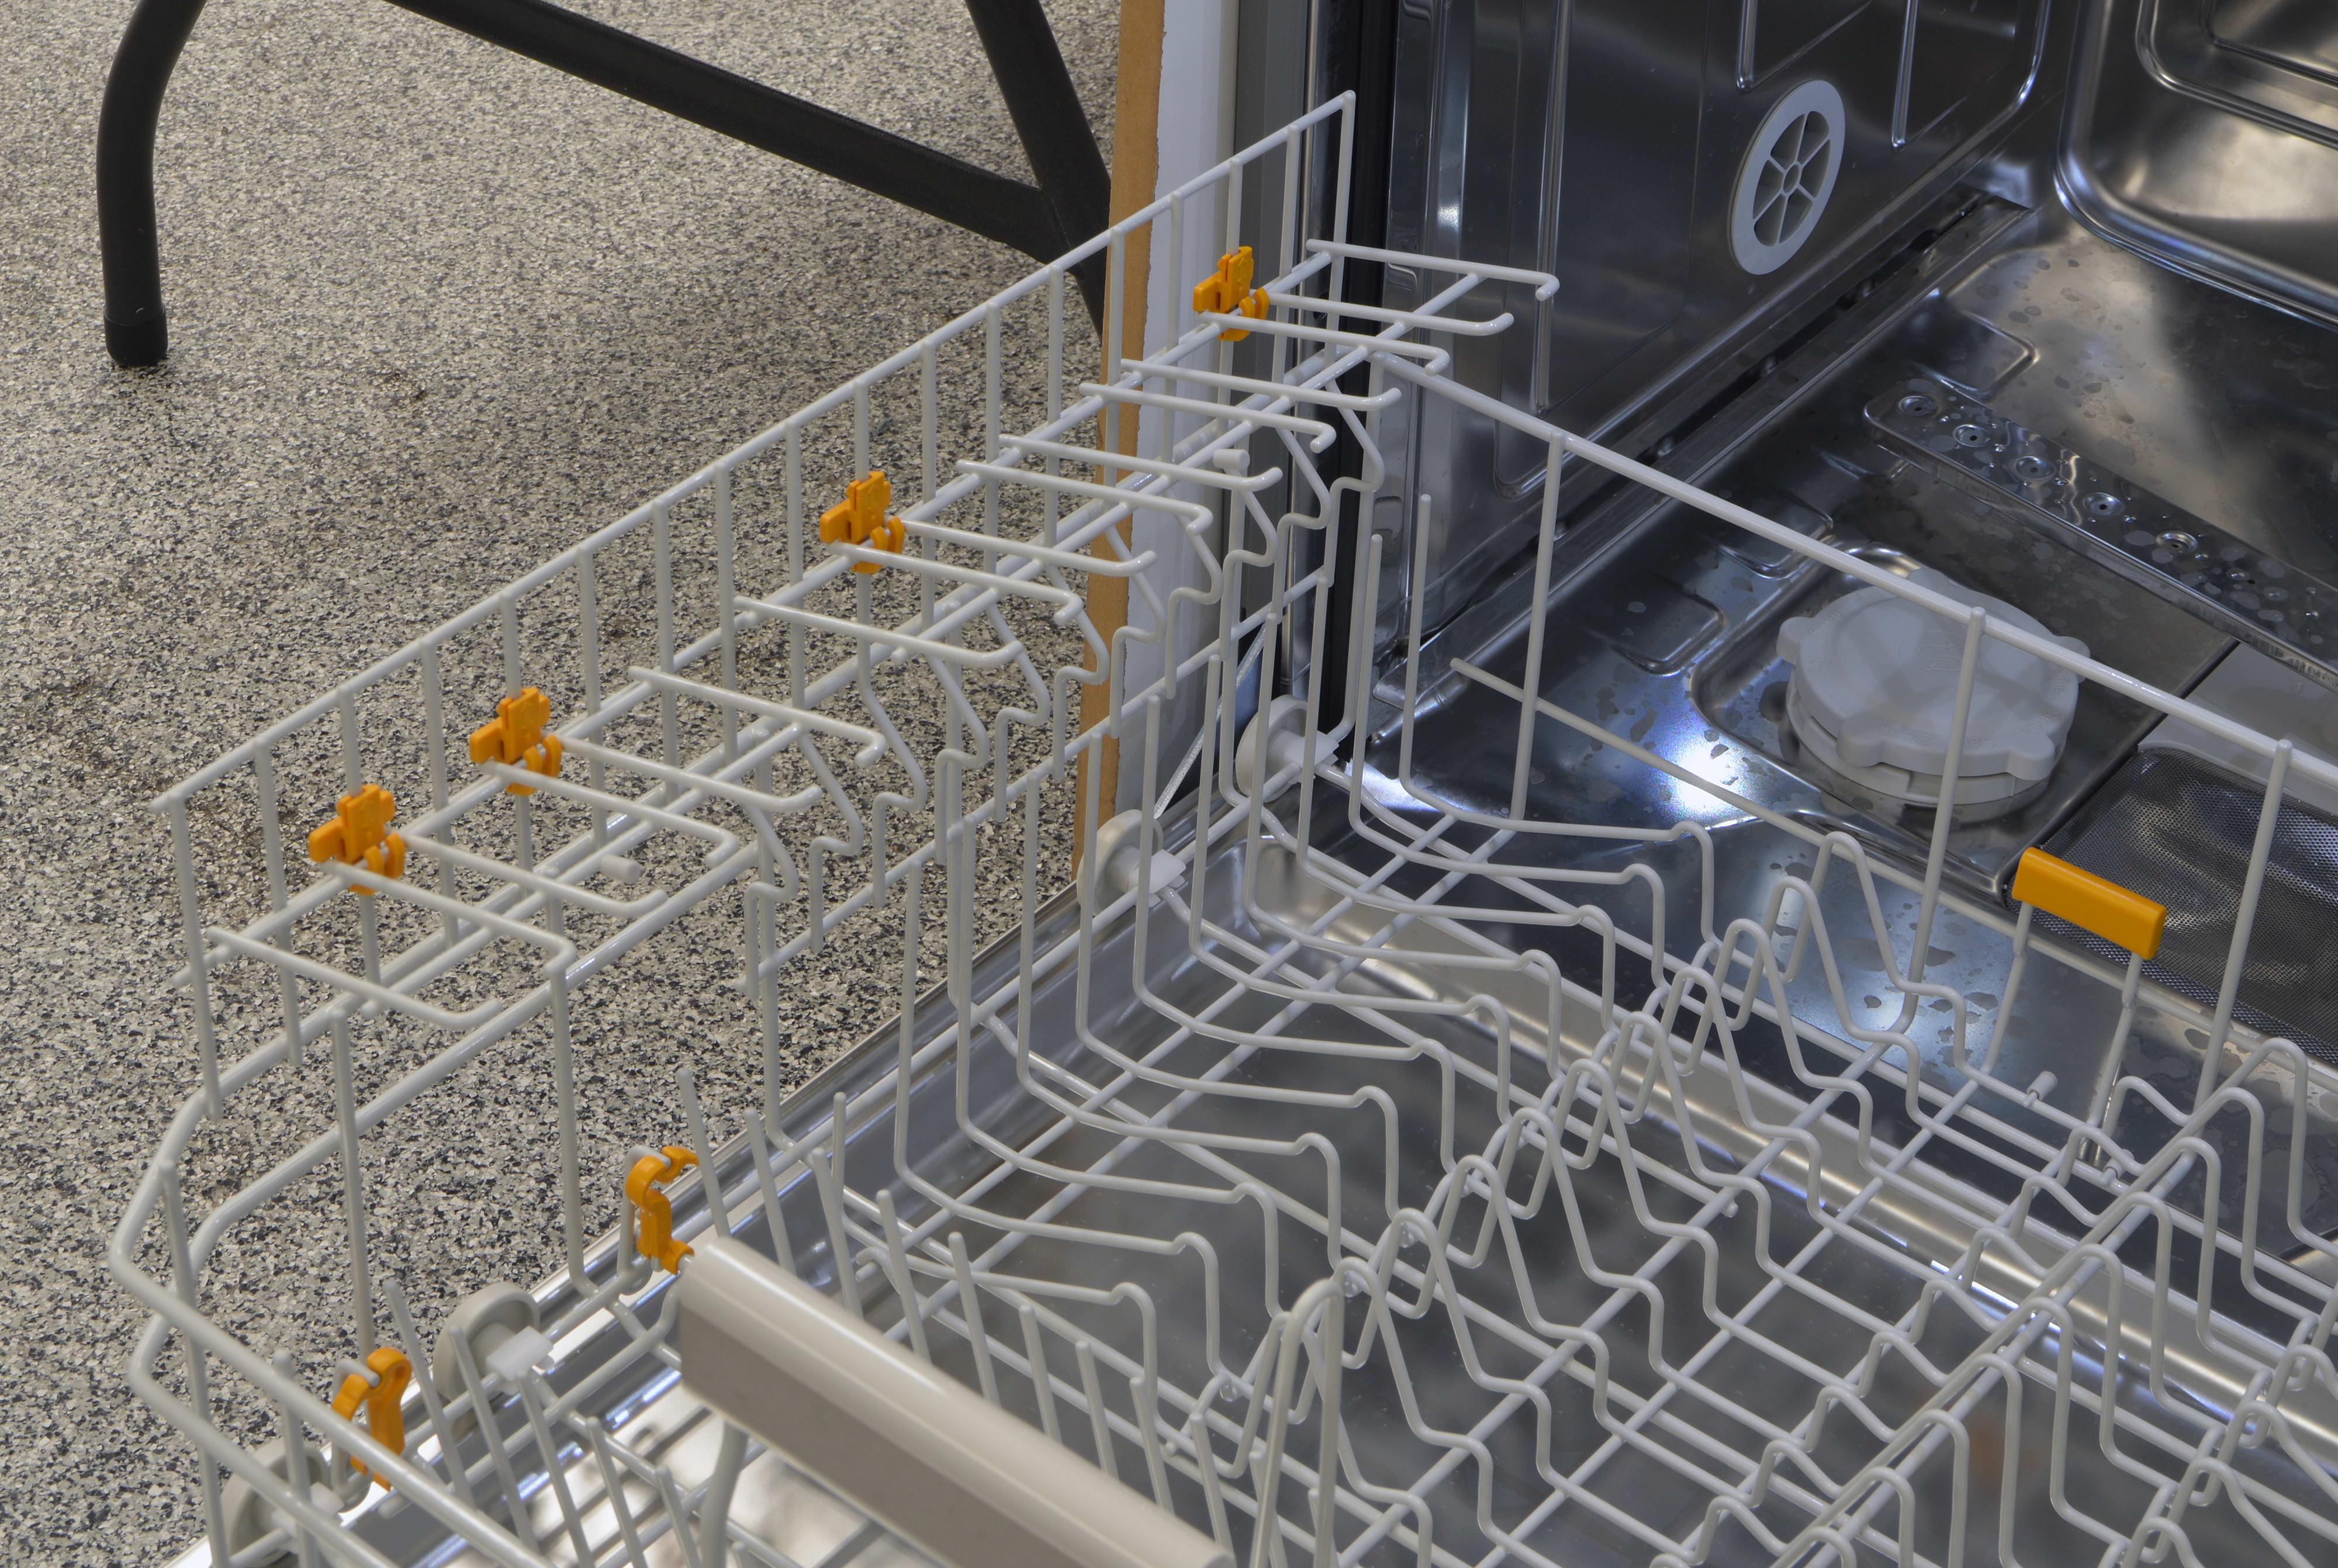 Fold-down shelves on the lower rack